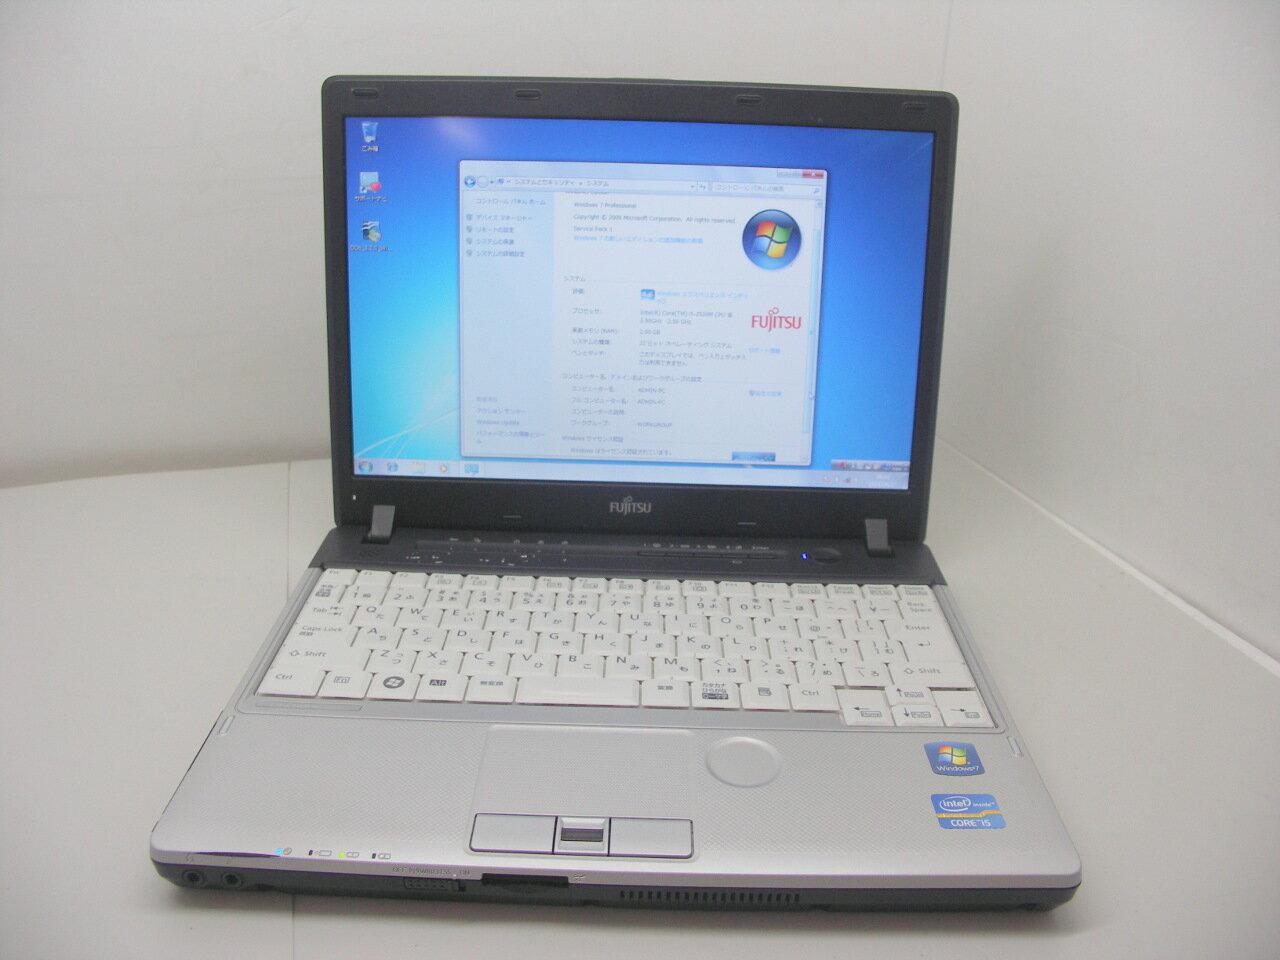 P20Feb16  Windows7搭載 P771/C Corei5 2520M 2.5GHz/2GB/160GB/無線LAN/マルチ【中古】【送料無料】【あす楽対応】